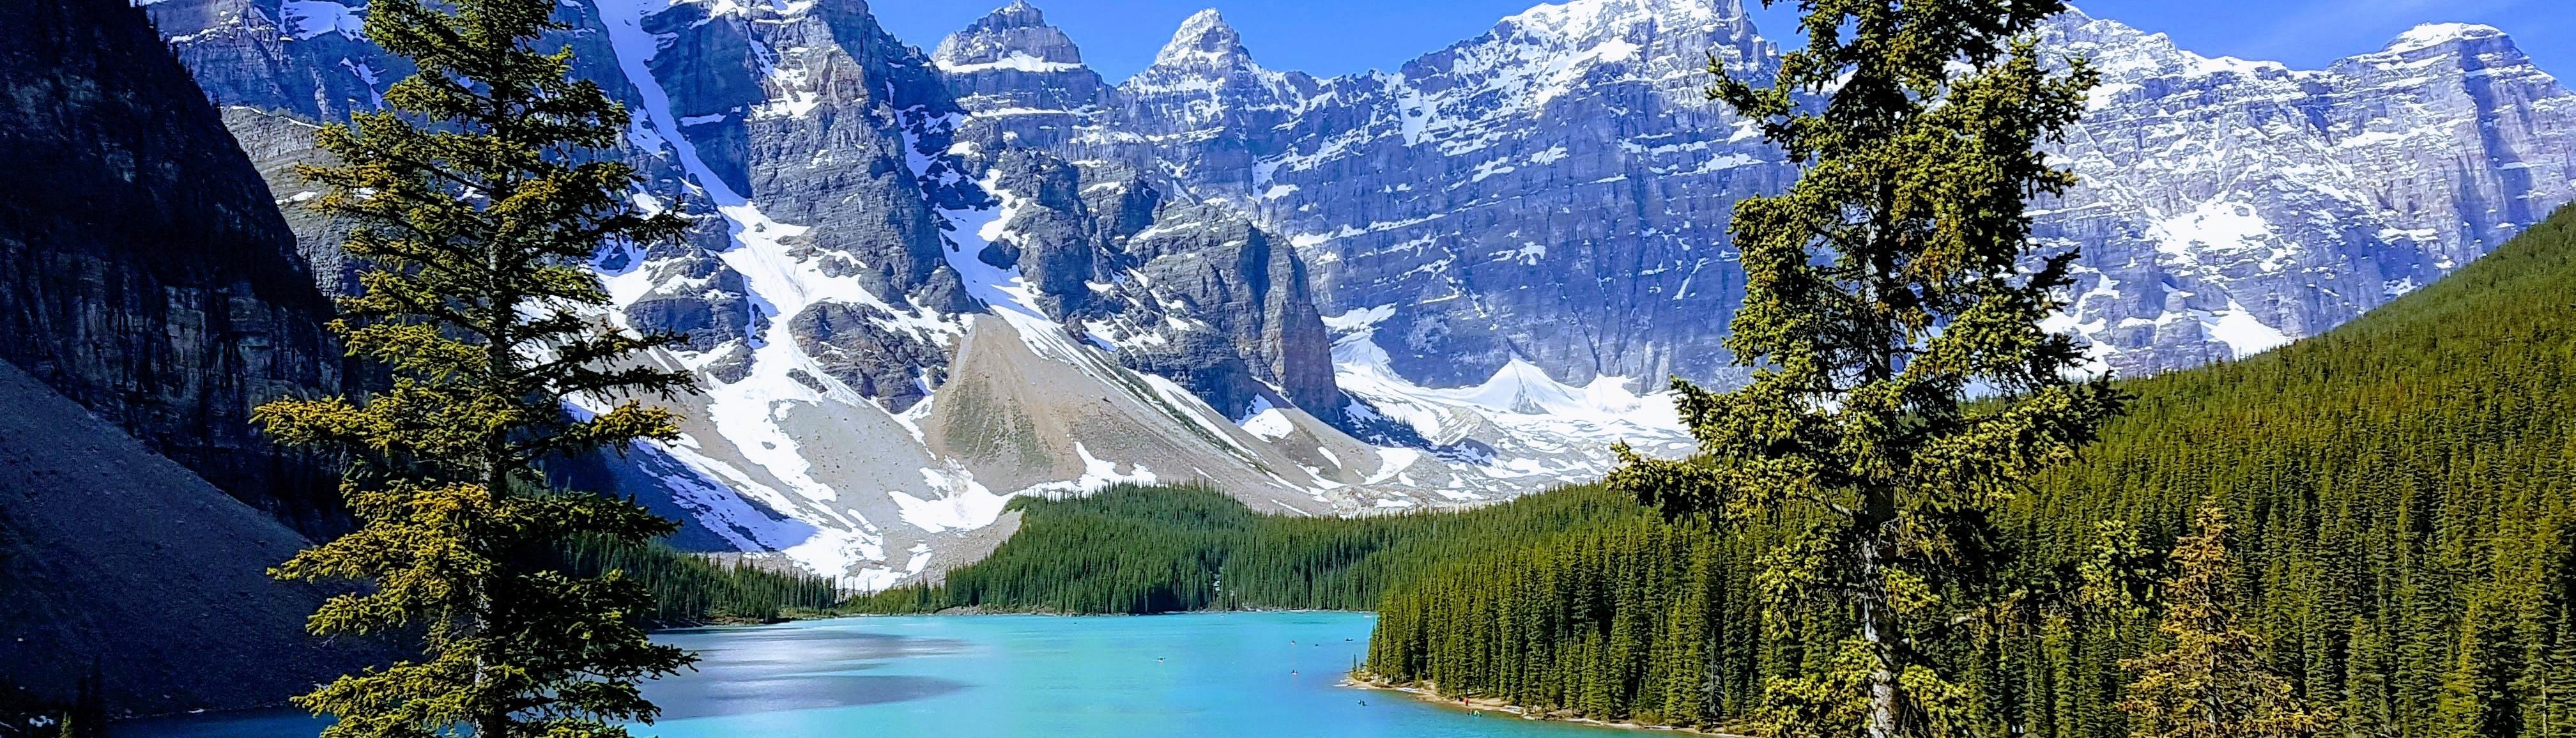 Canada. Det vilde vesten, 14 dages rundrejse med dansk rejseleder fra Calgary til Vancouver